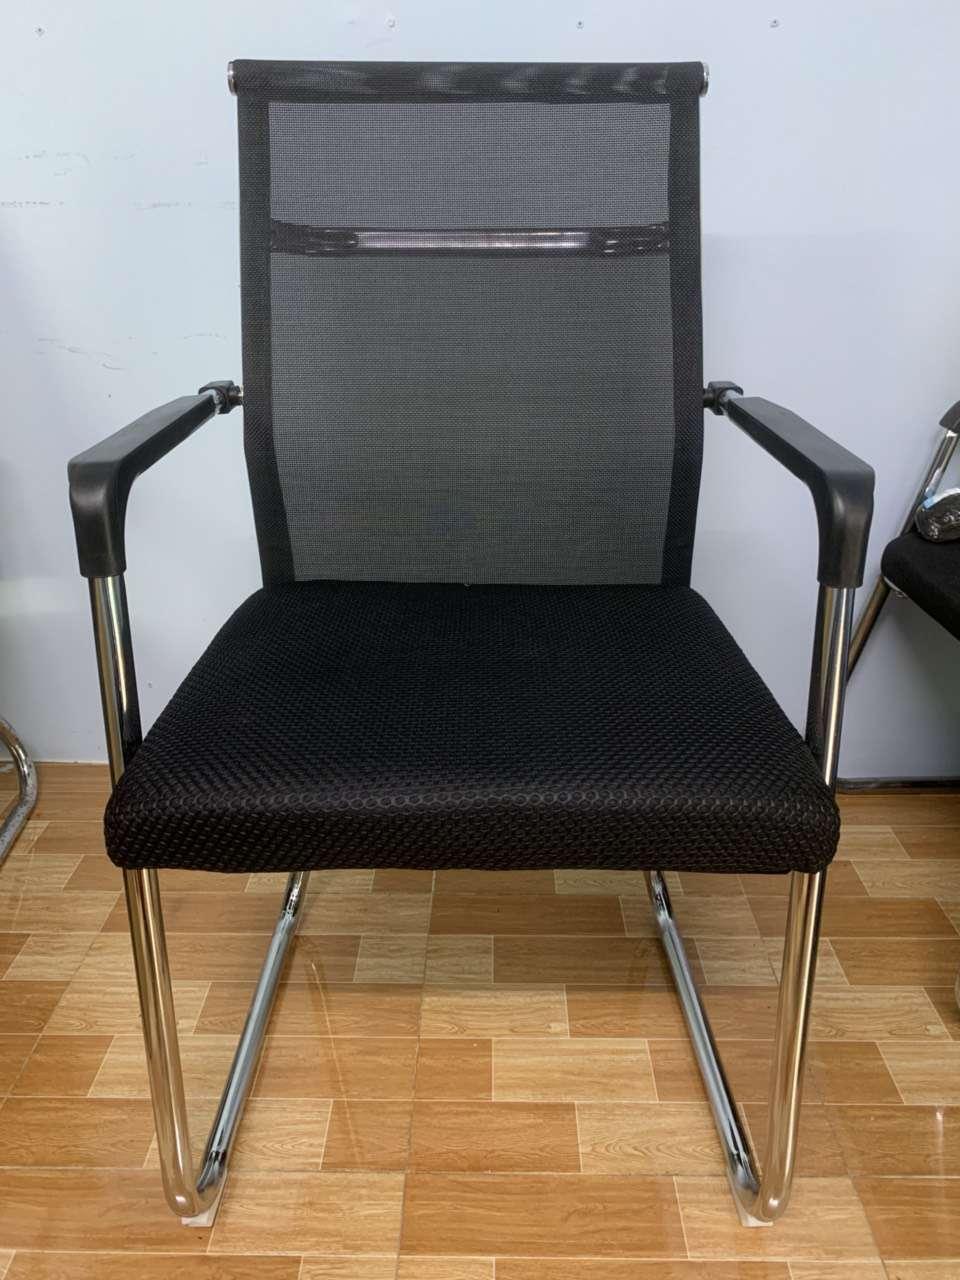 Ghế lưới văn phòng chân quỳ giá rẻ KG – 4019